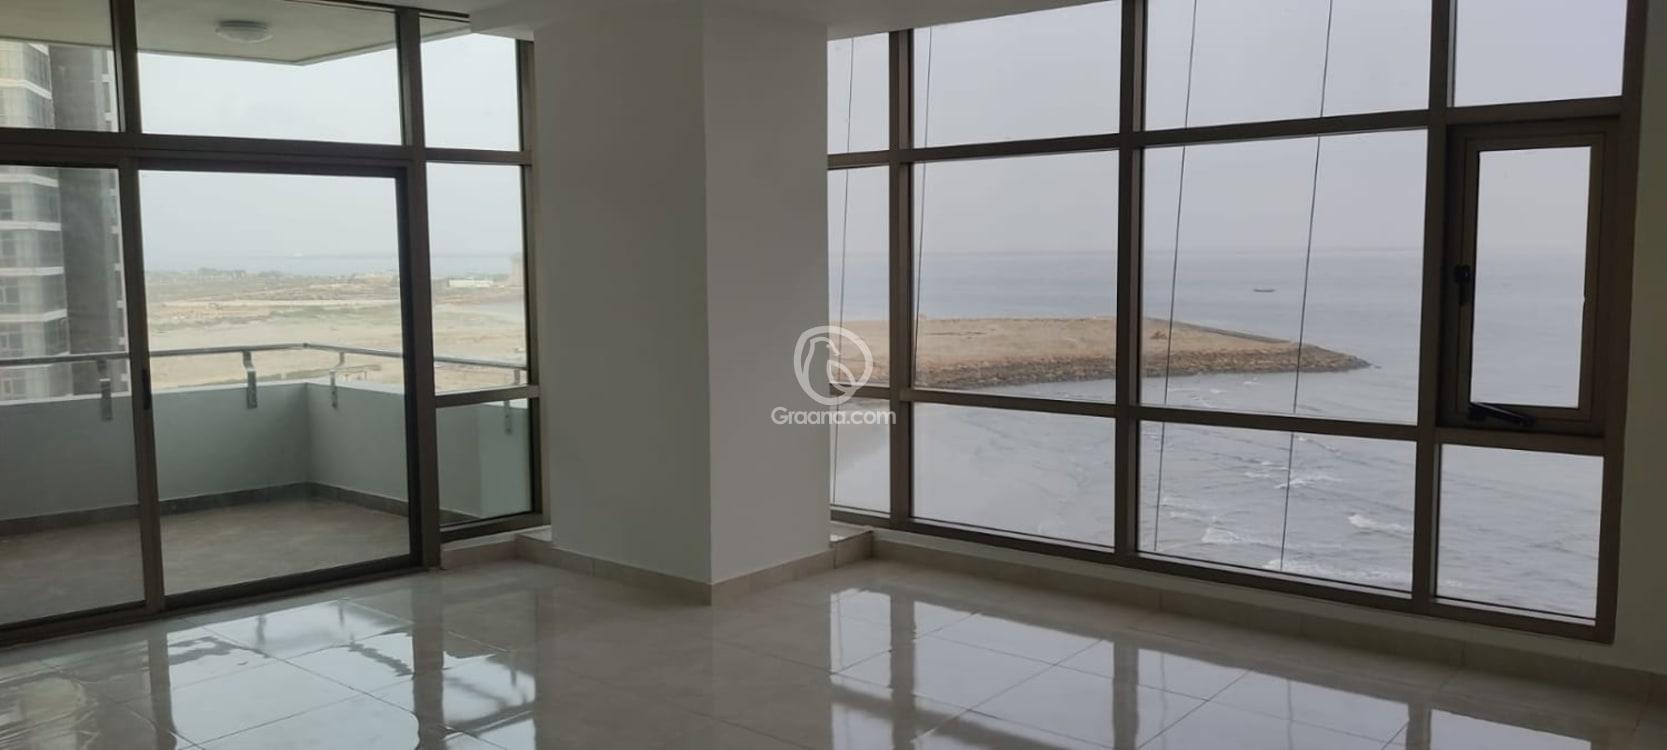 2190 Sqft Apartment for Rent   Graana.com